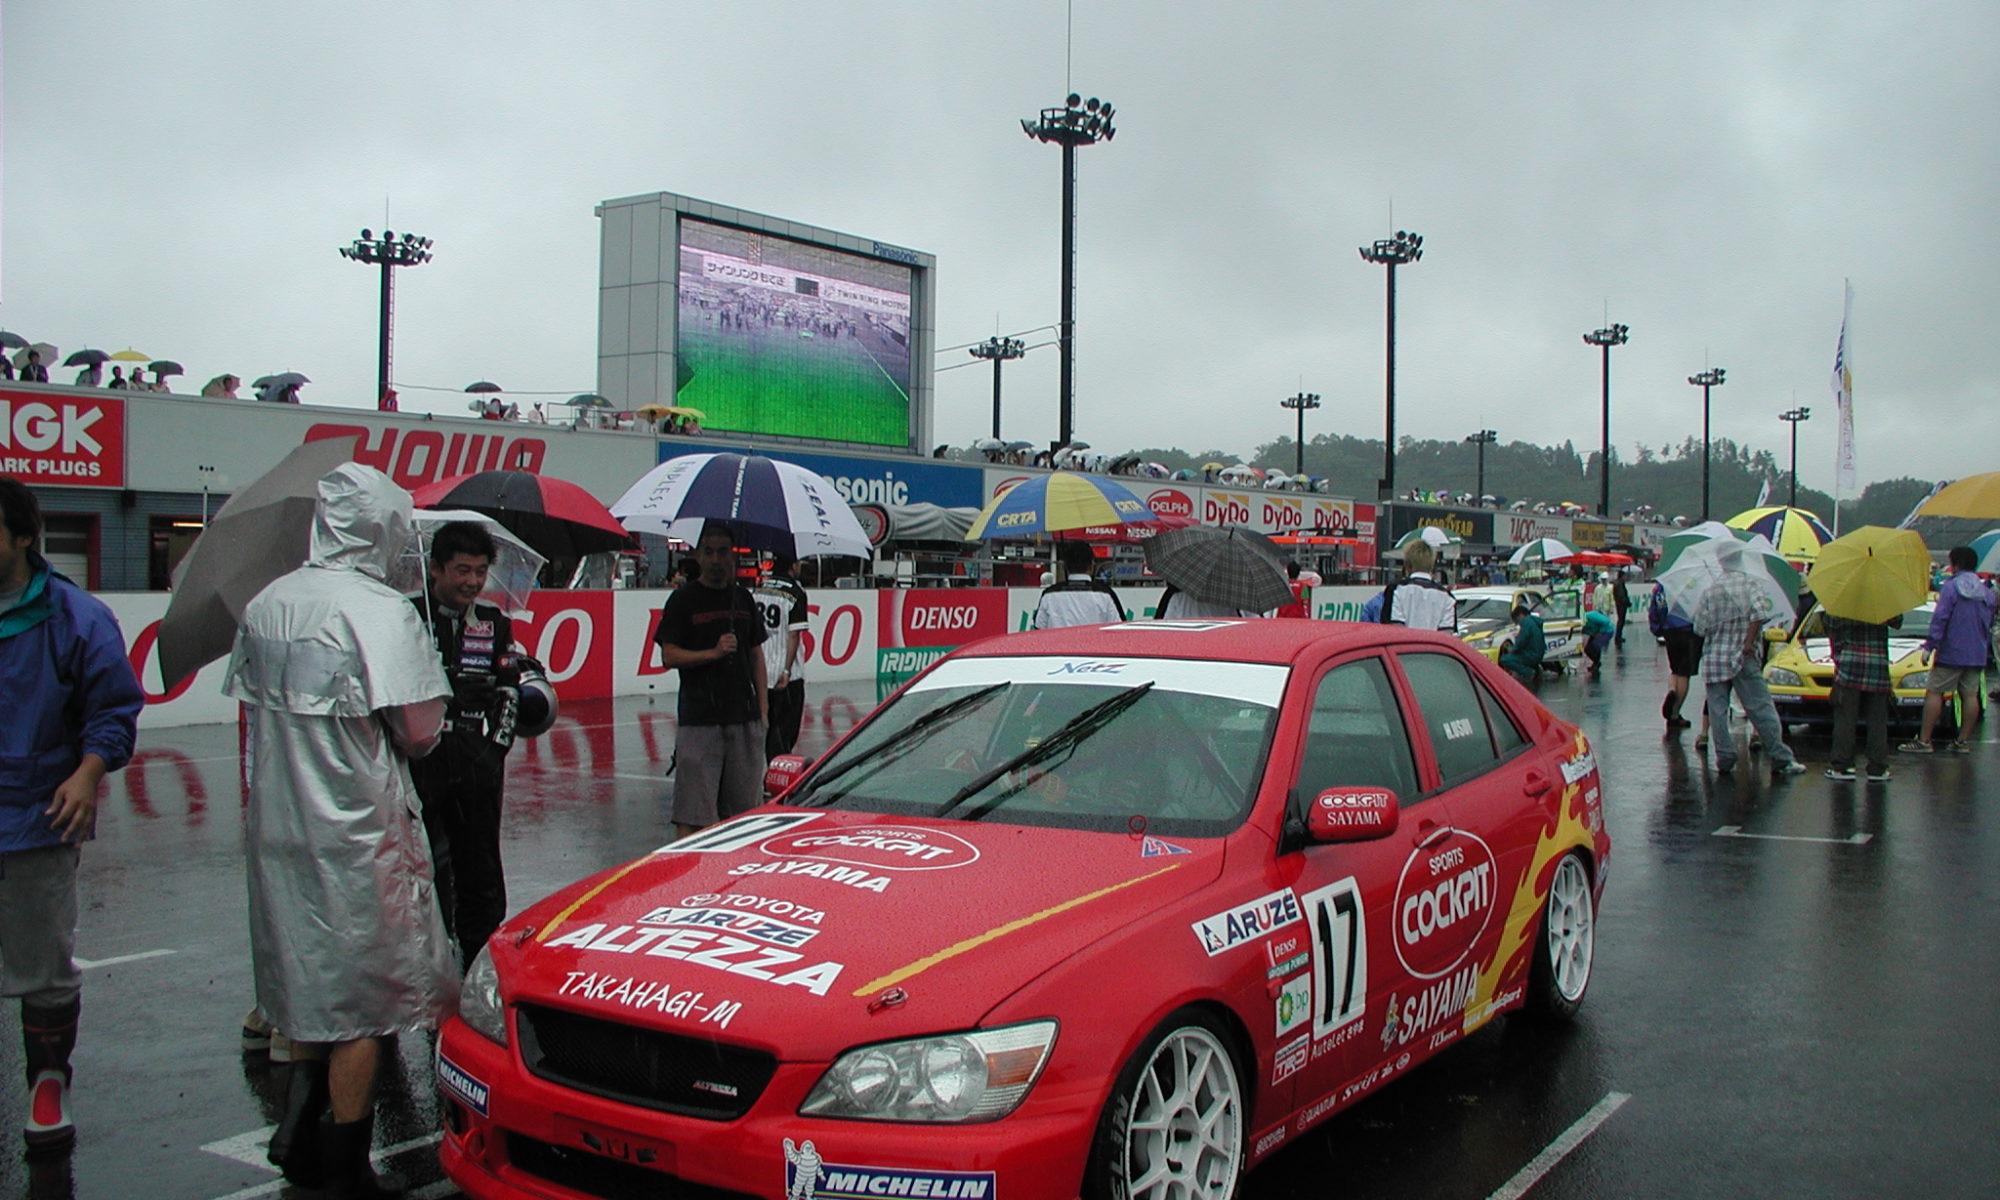 スタート前には土砂降りに。GTのピットでは「ええっ、この天候でレースやるの? 中止じゃないの?」なんてGTドライバーが言っていたとか……・